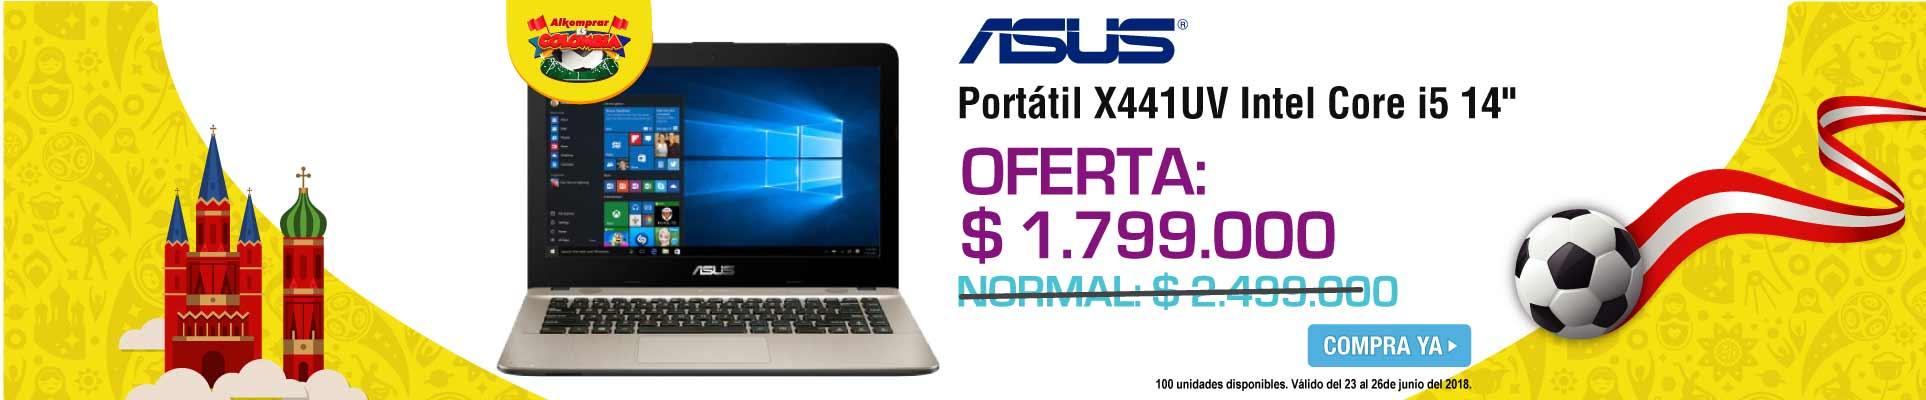 PPAL ALKP-1-computadores-Portátil ASUS - X441UV- Intel Core i5 - 14